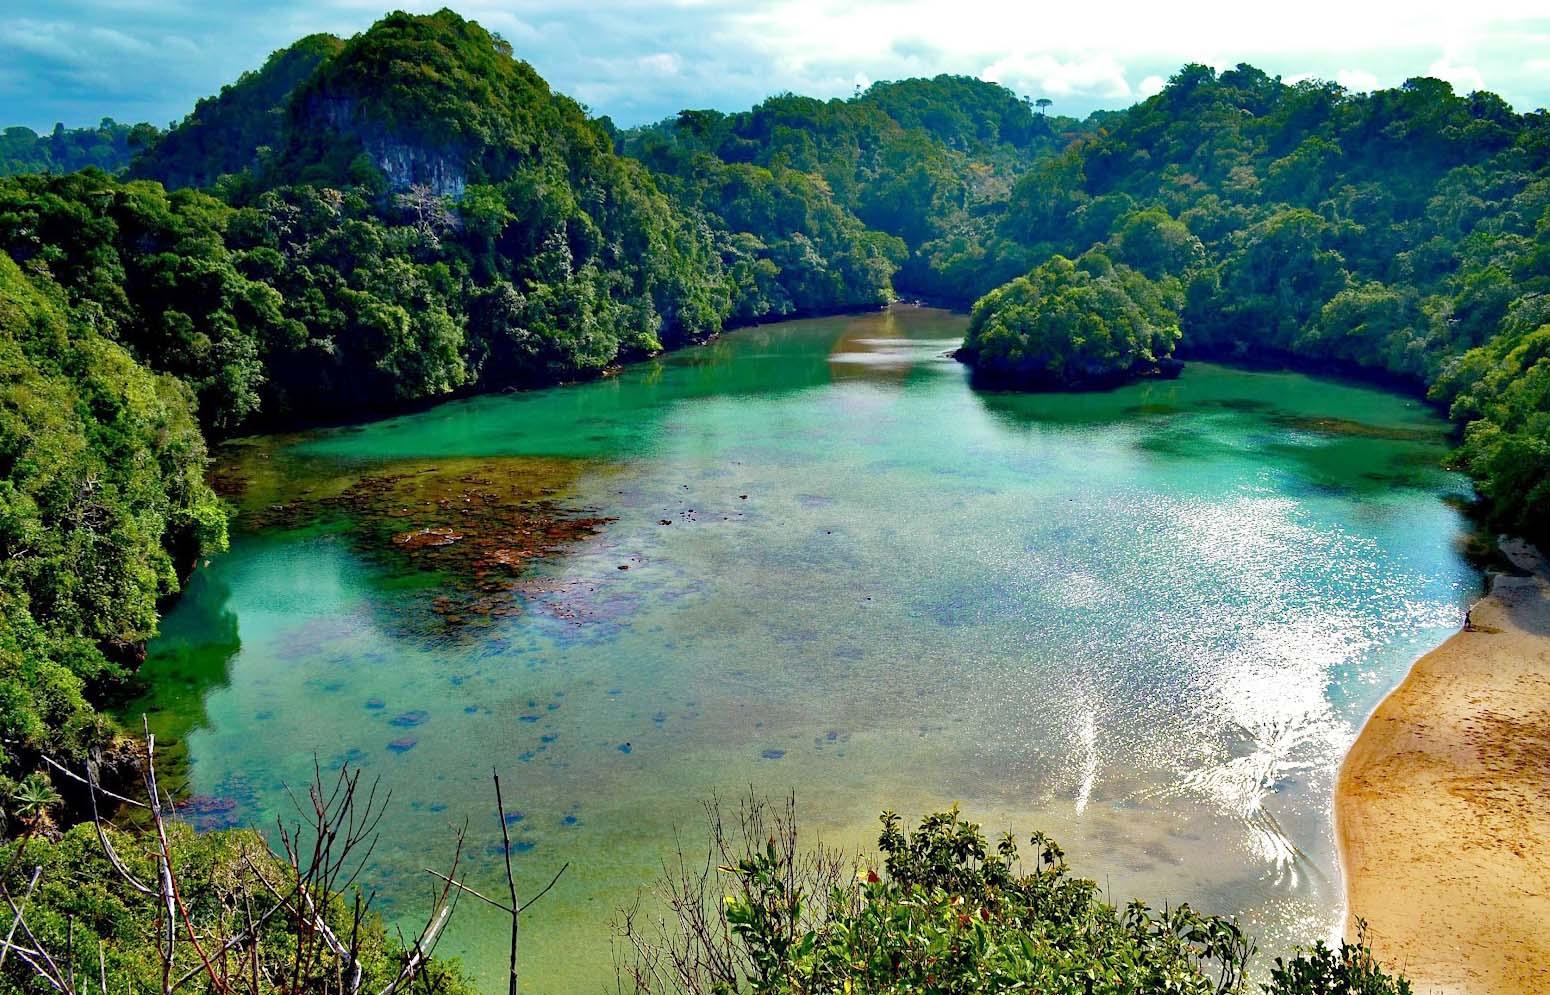 Wisata Pantai Malang Friszee Blog Pulau Sempu Terletak Sebelah Selatan